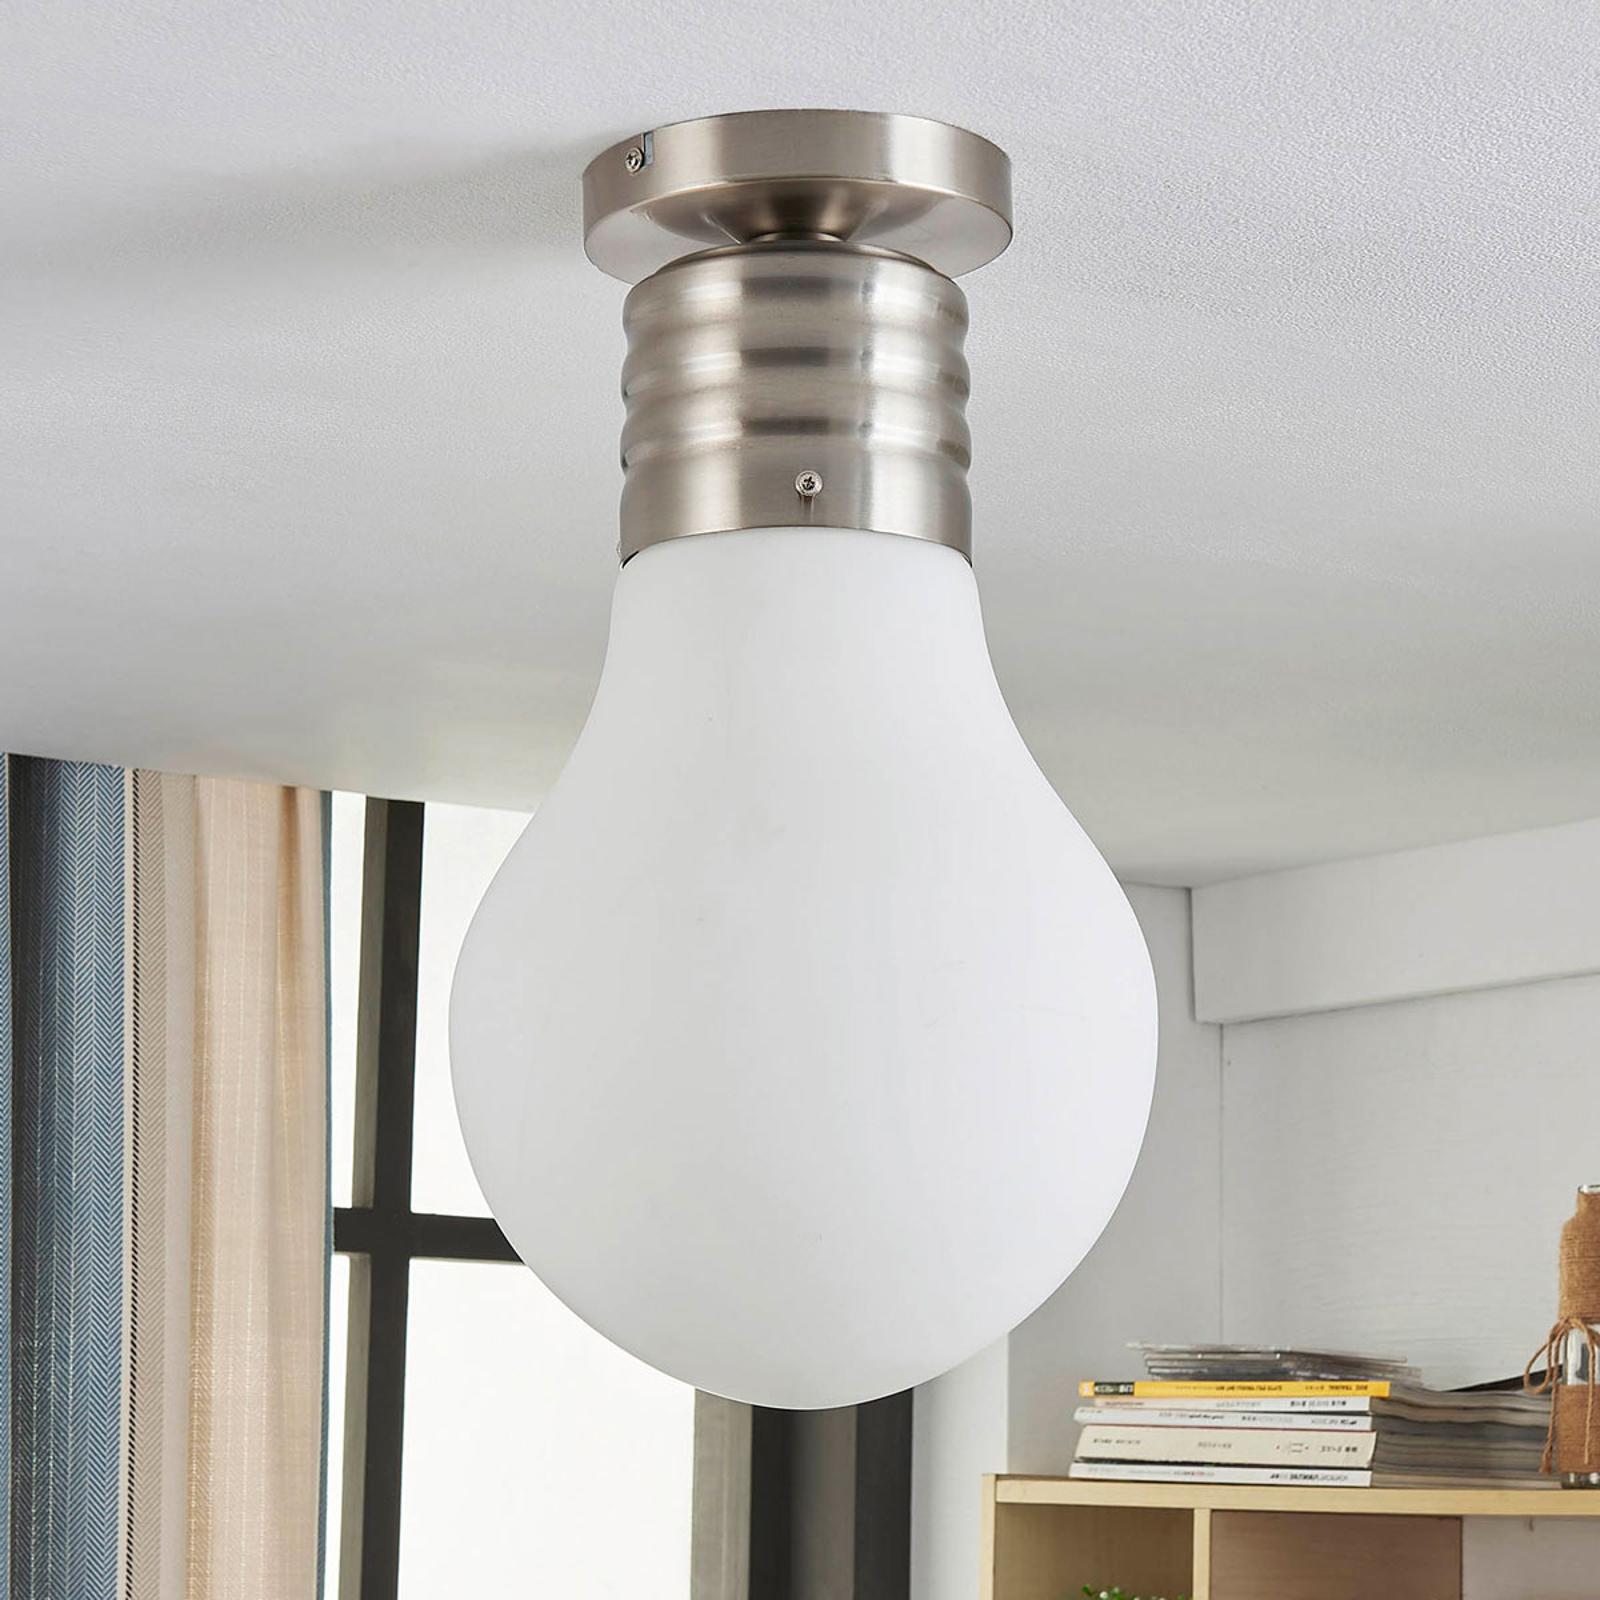 LED-Deckenlampe Bado in Glühlampenform, easydim